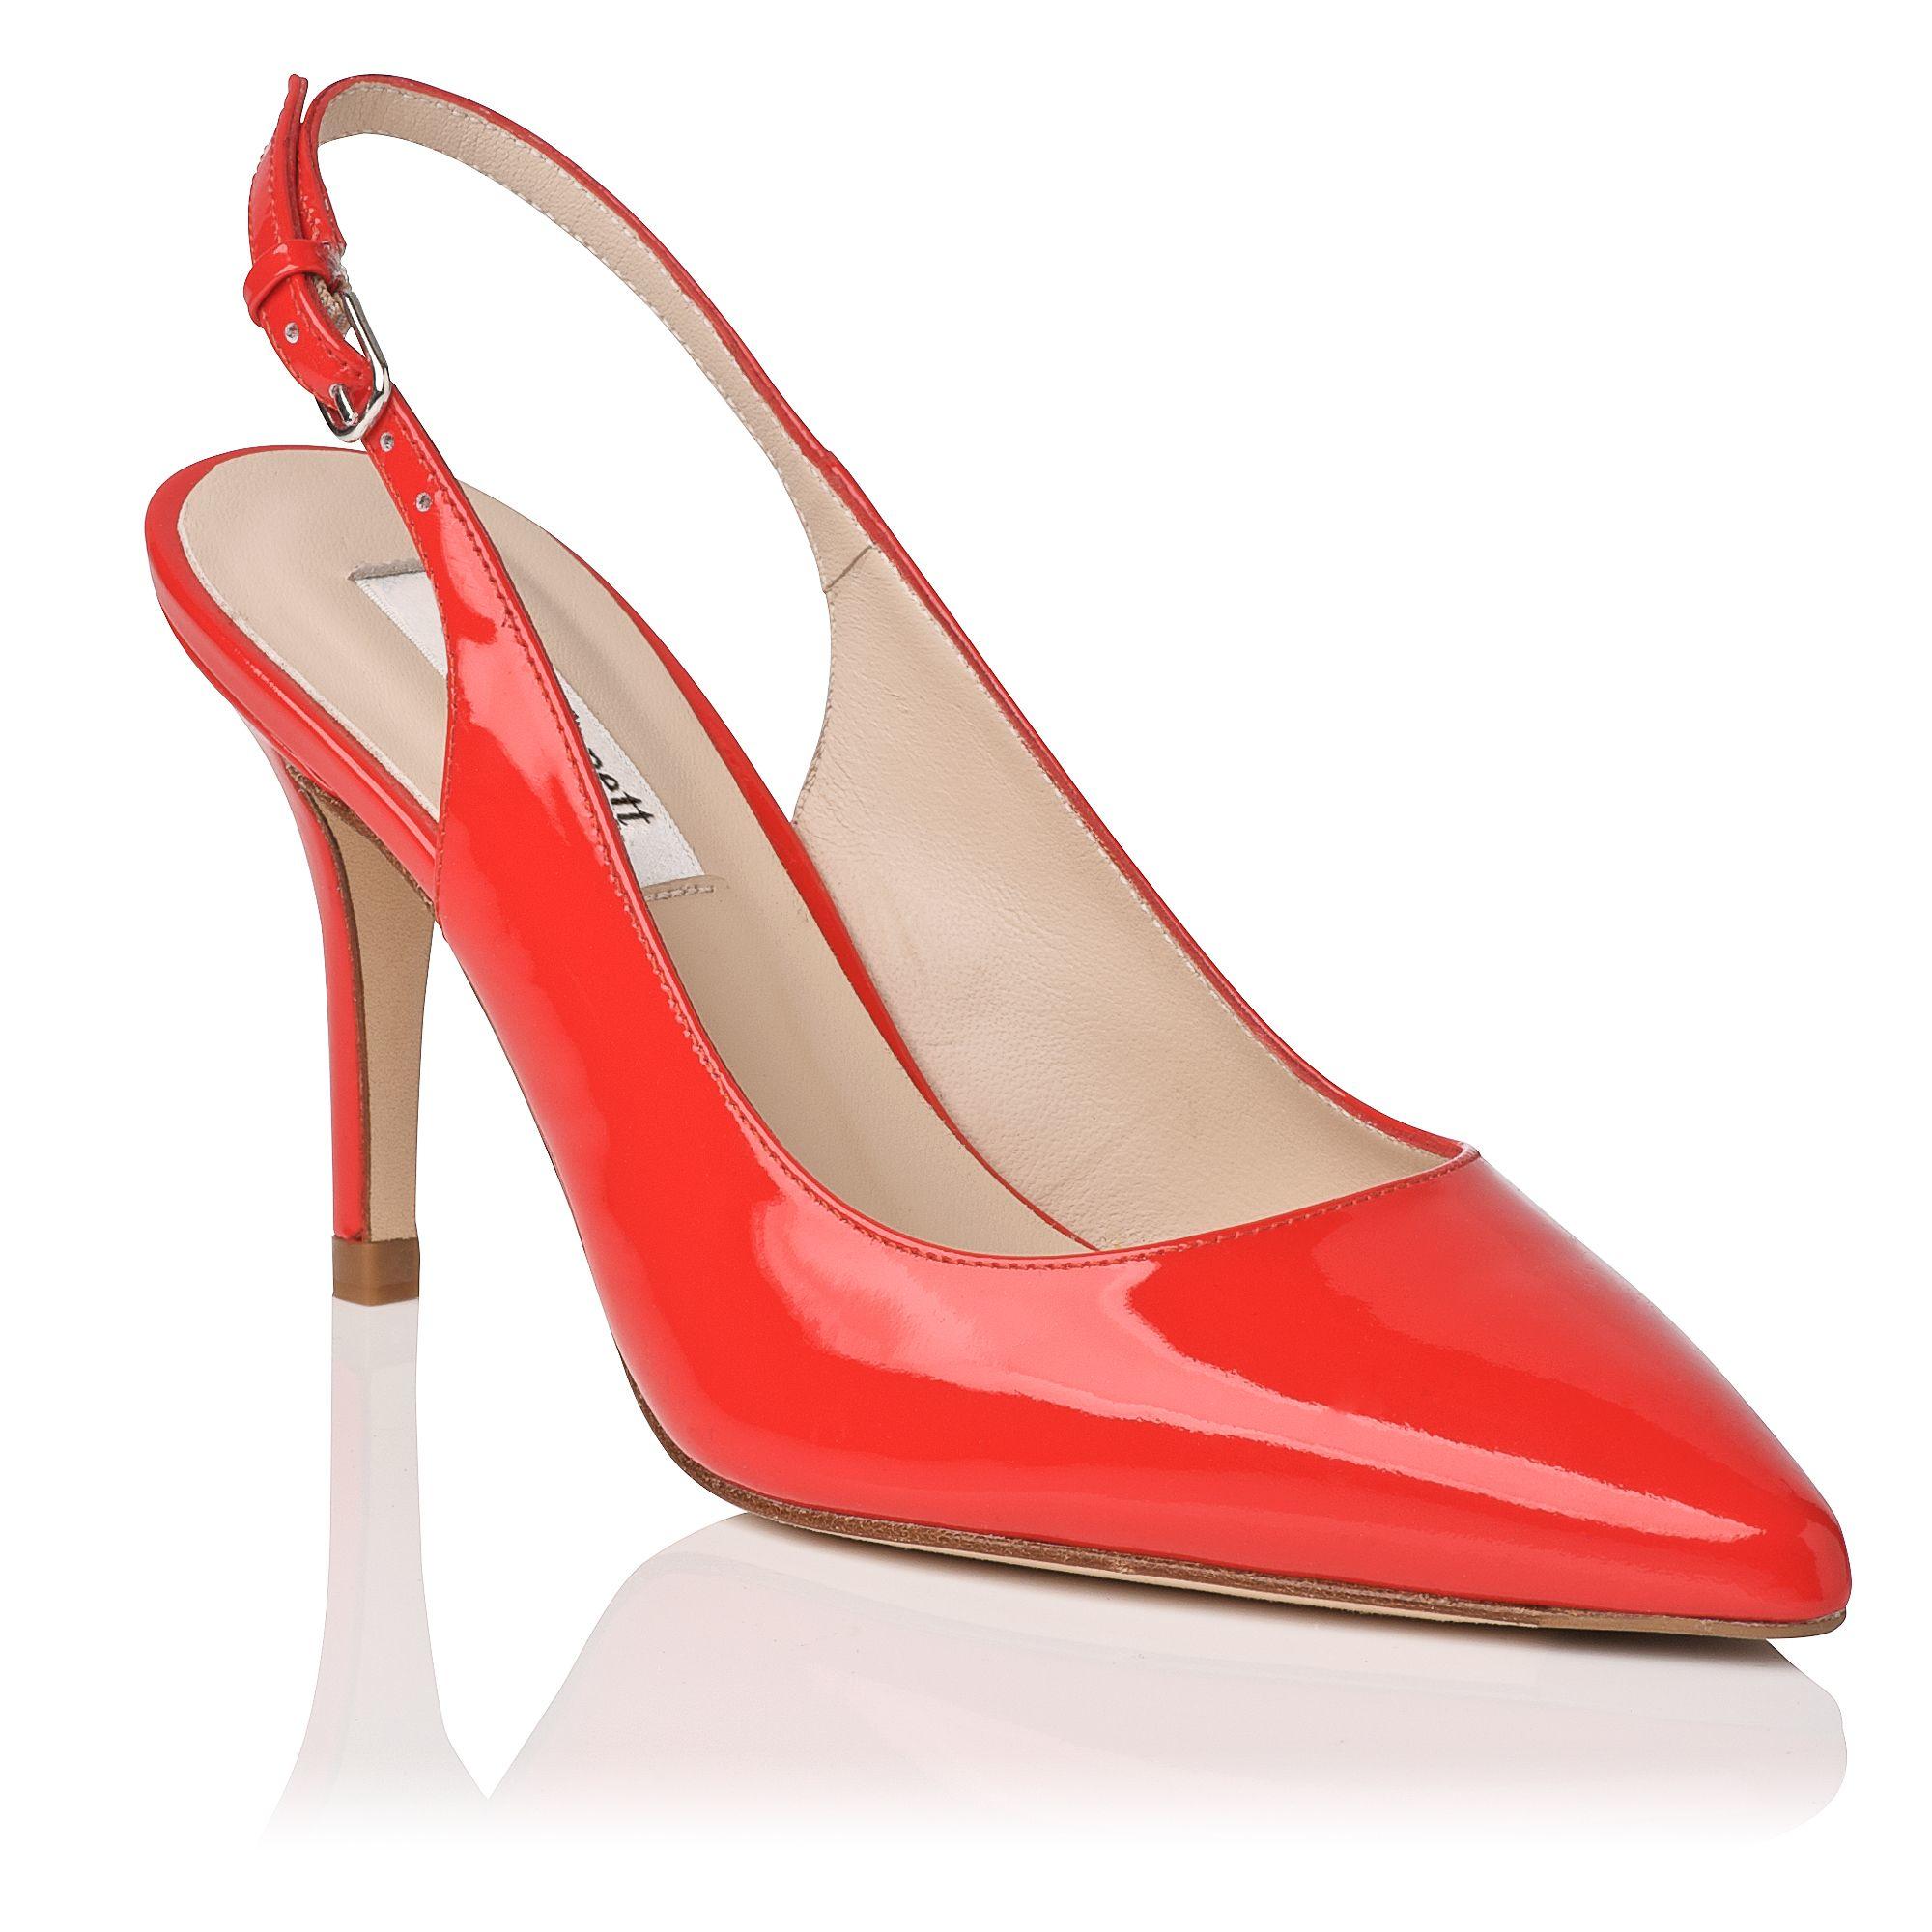 Lk Bennett Women S Shoes